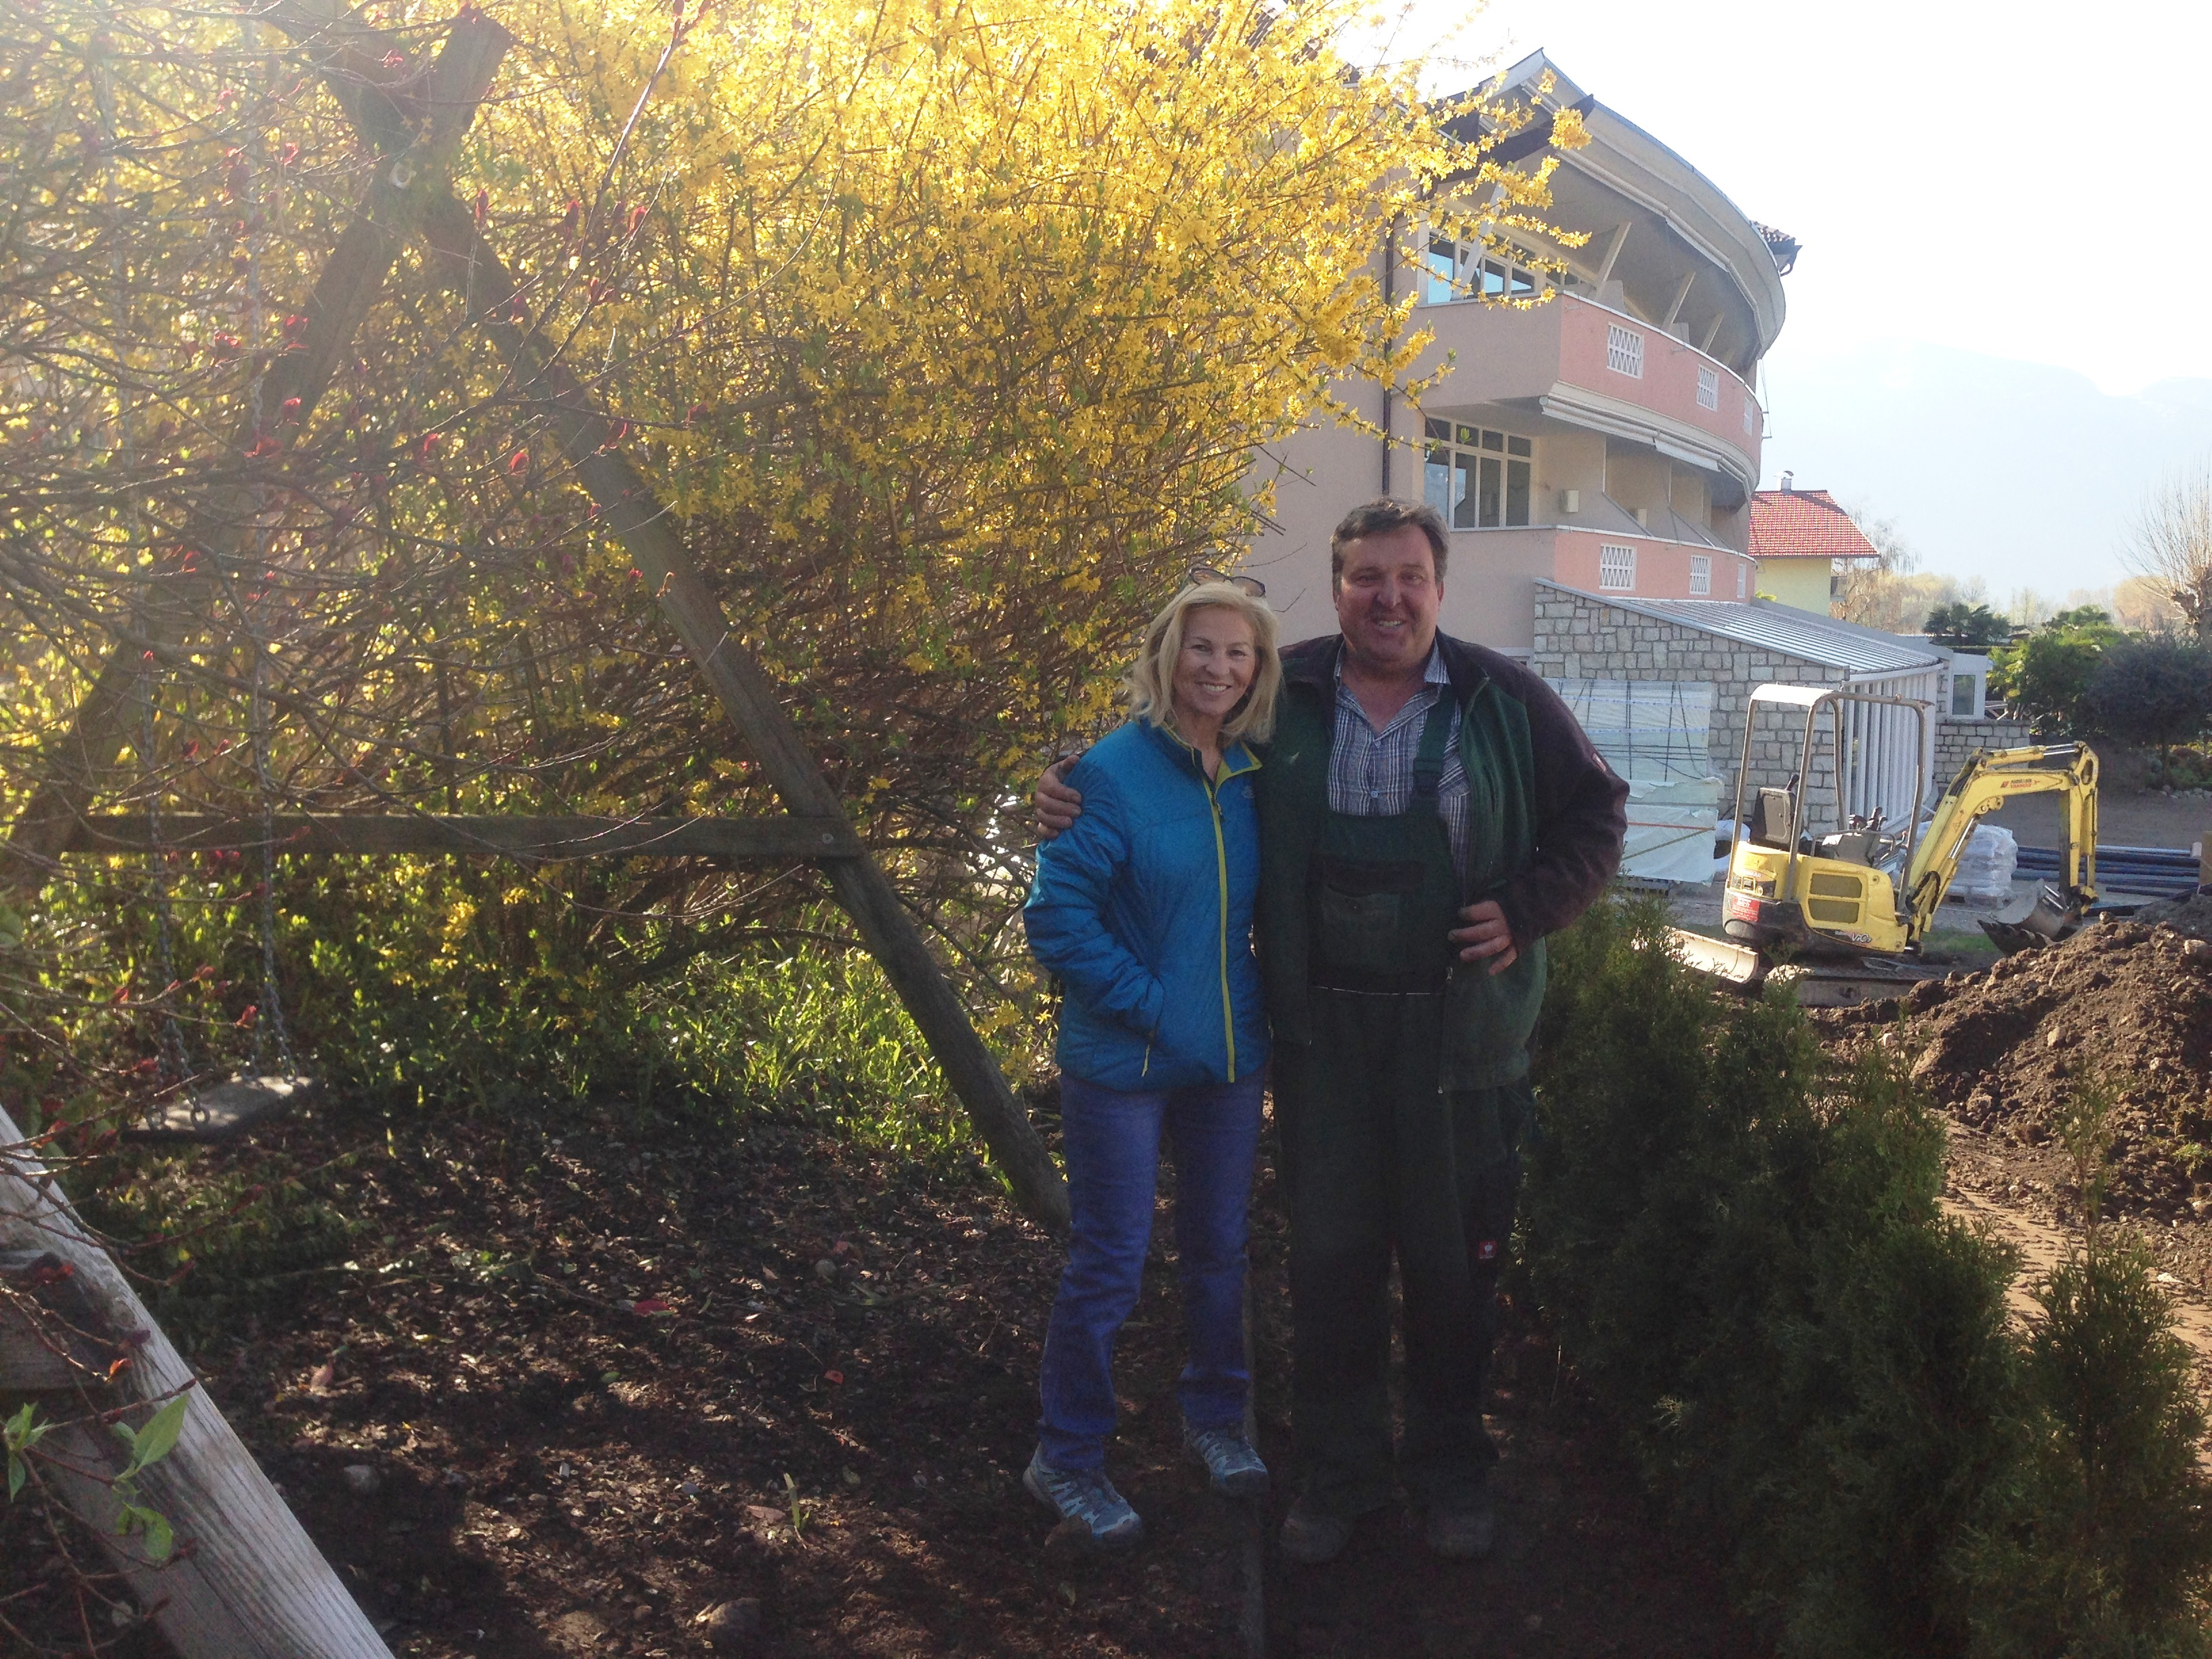 Last but not least... unser Gärtner Anton mit dem grünen Daumen!